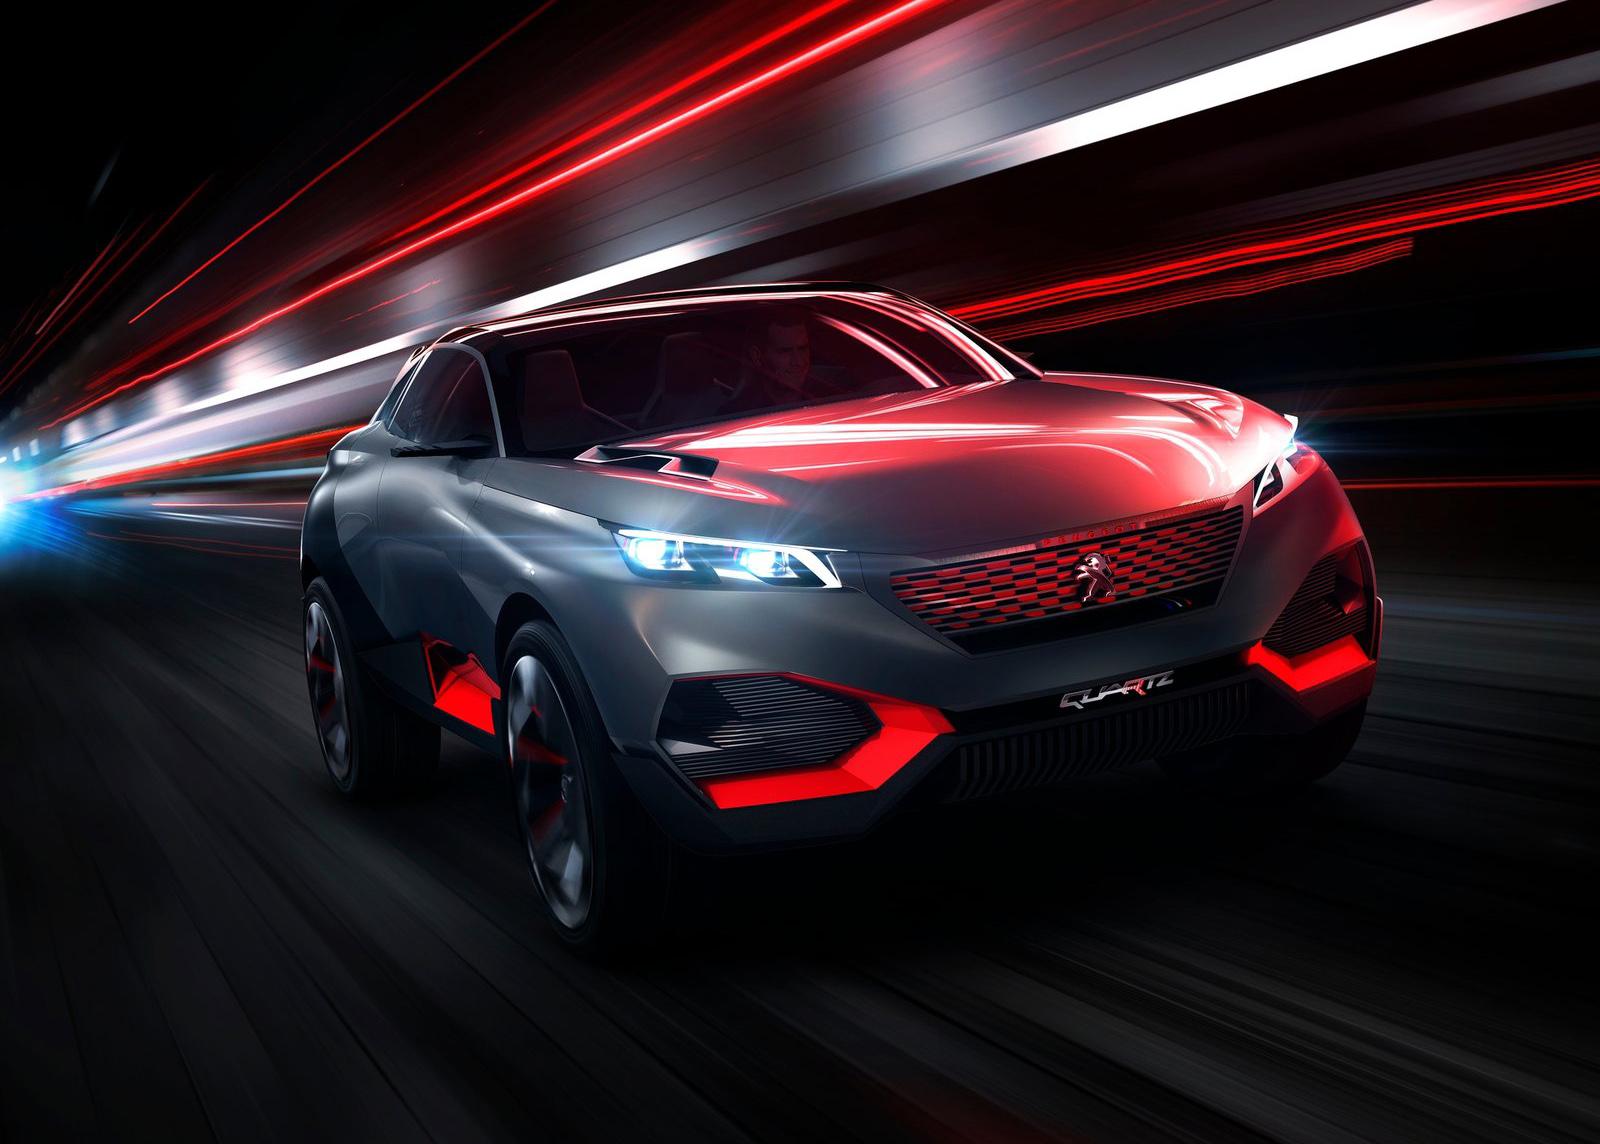 Peugeot-Quartz_Concept_2014_1600x1200_wallpaper_02